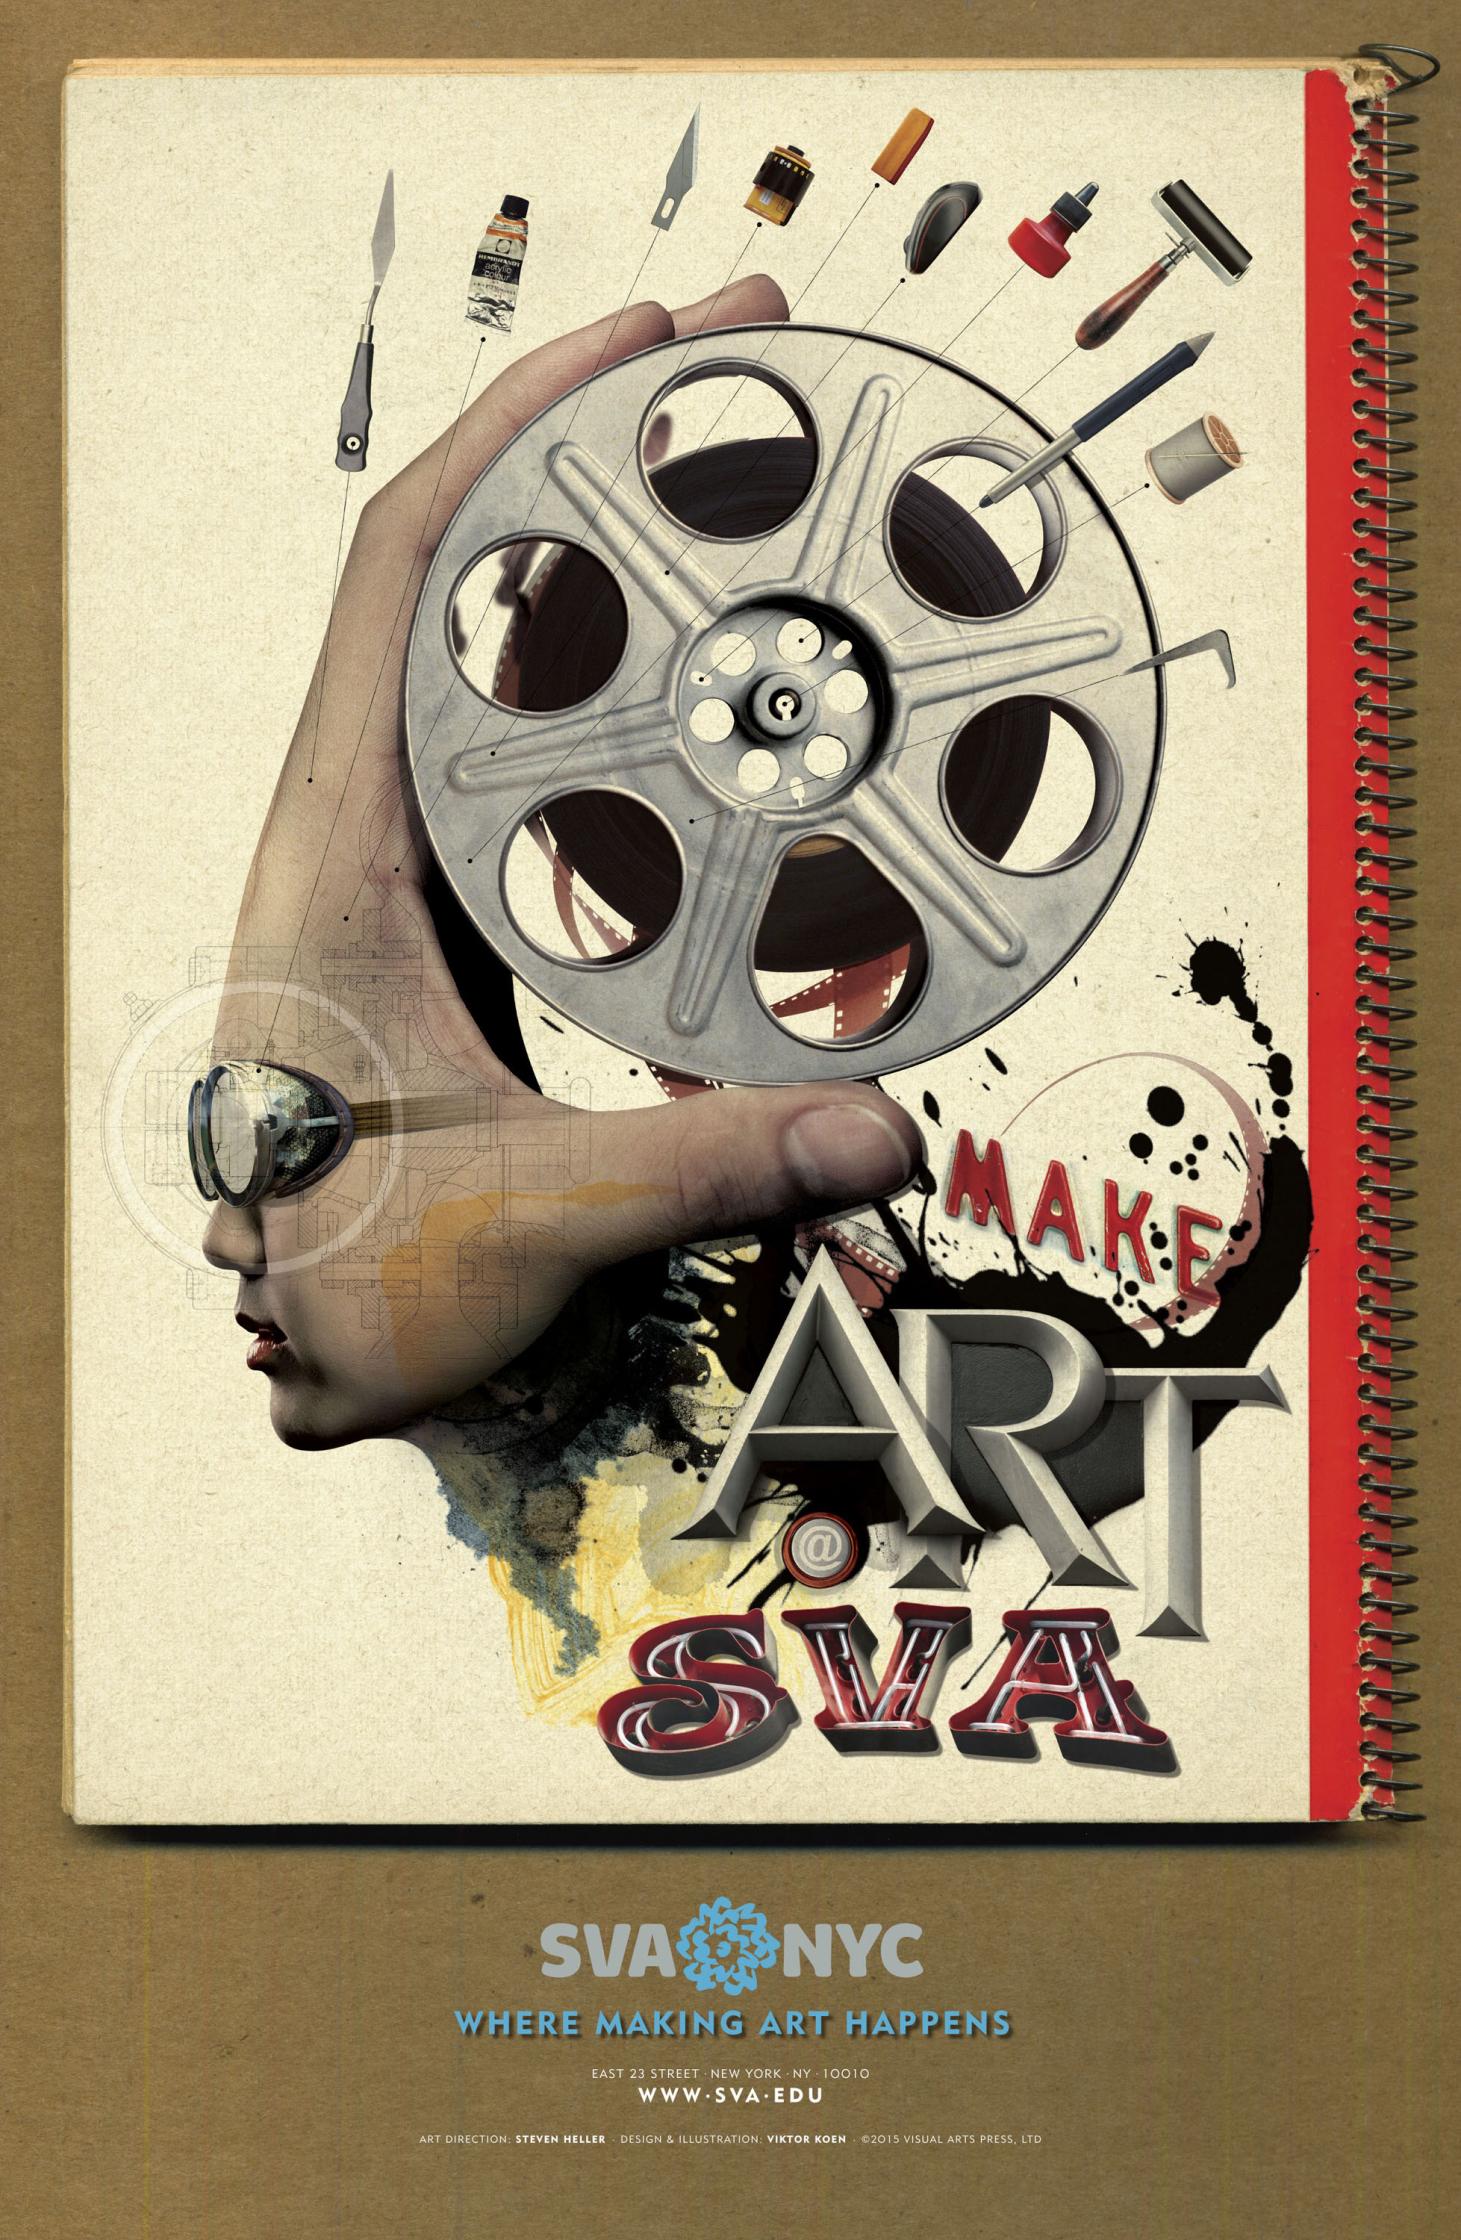 Make Art Poster 3 SVA